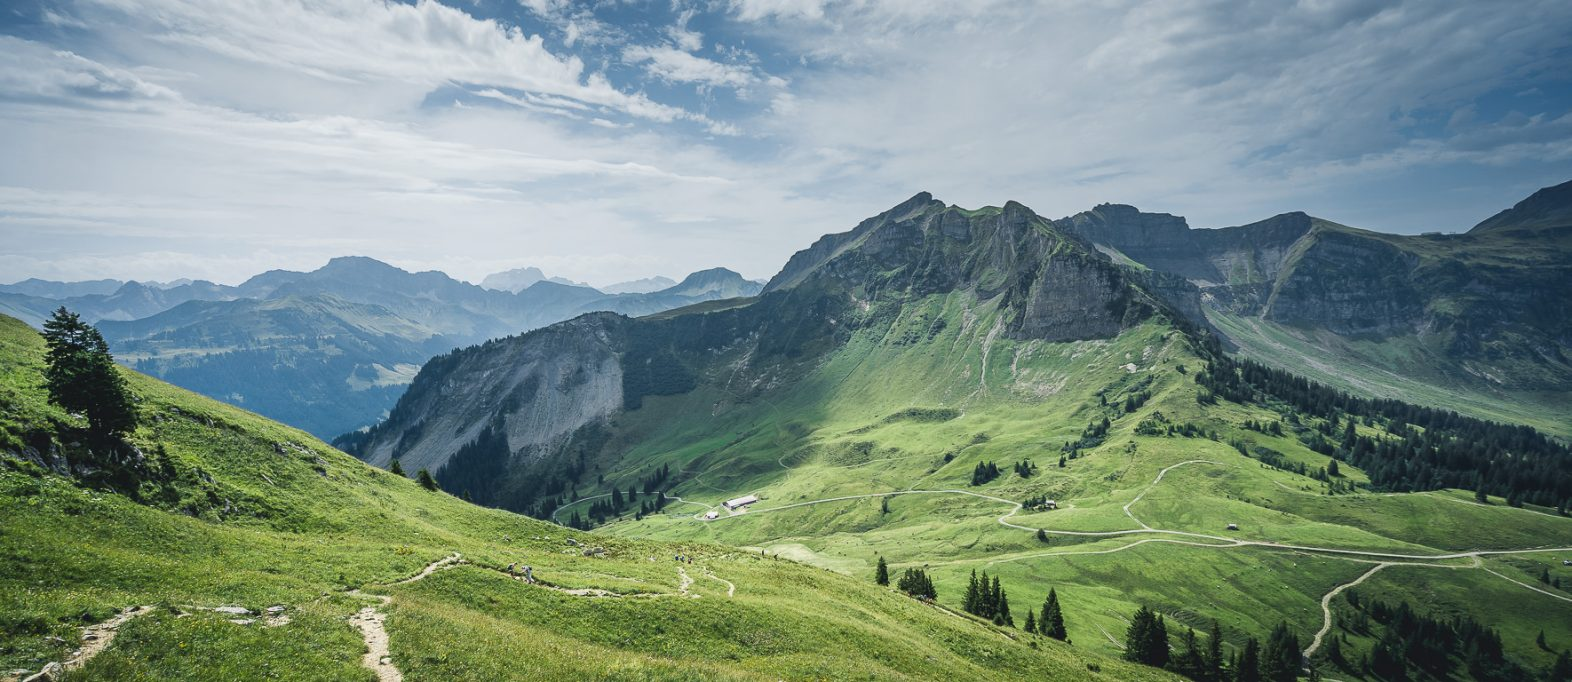 Vorarlberg im Sommer: Outdoor-Aktivitäten im Bregenzerwald